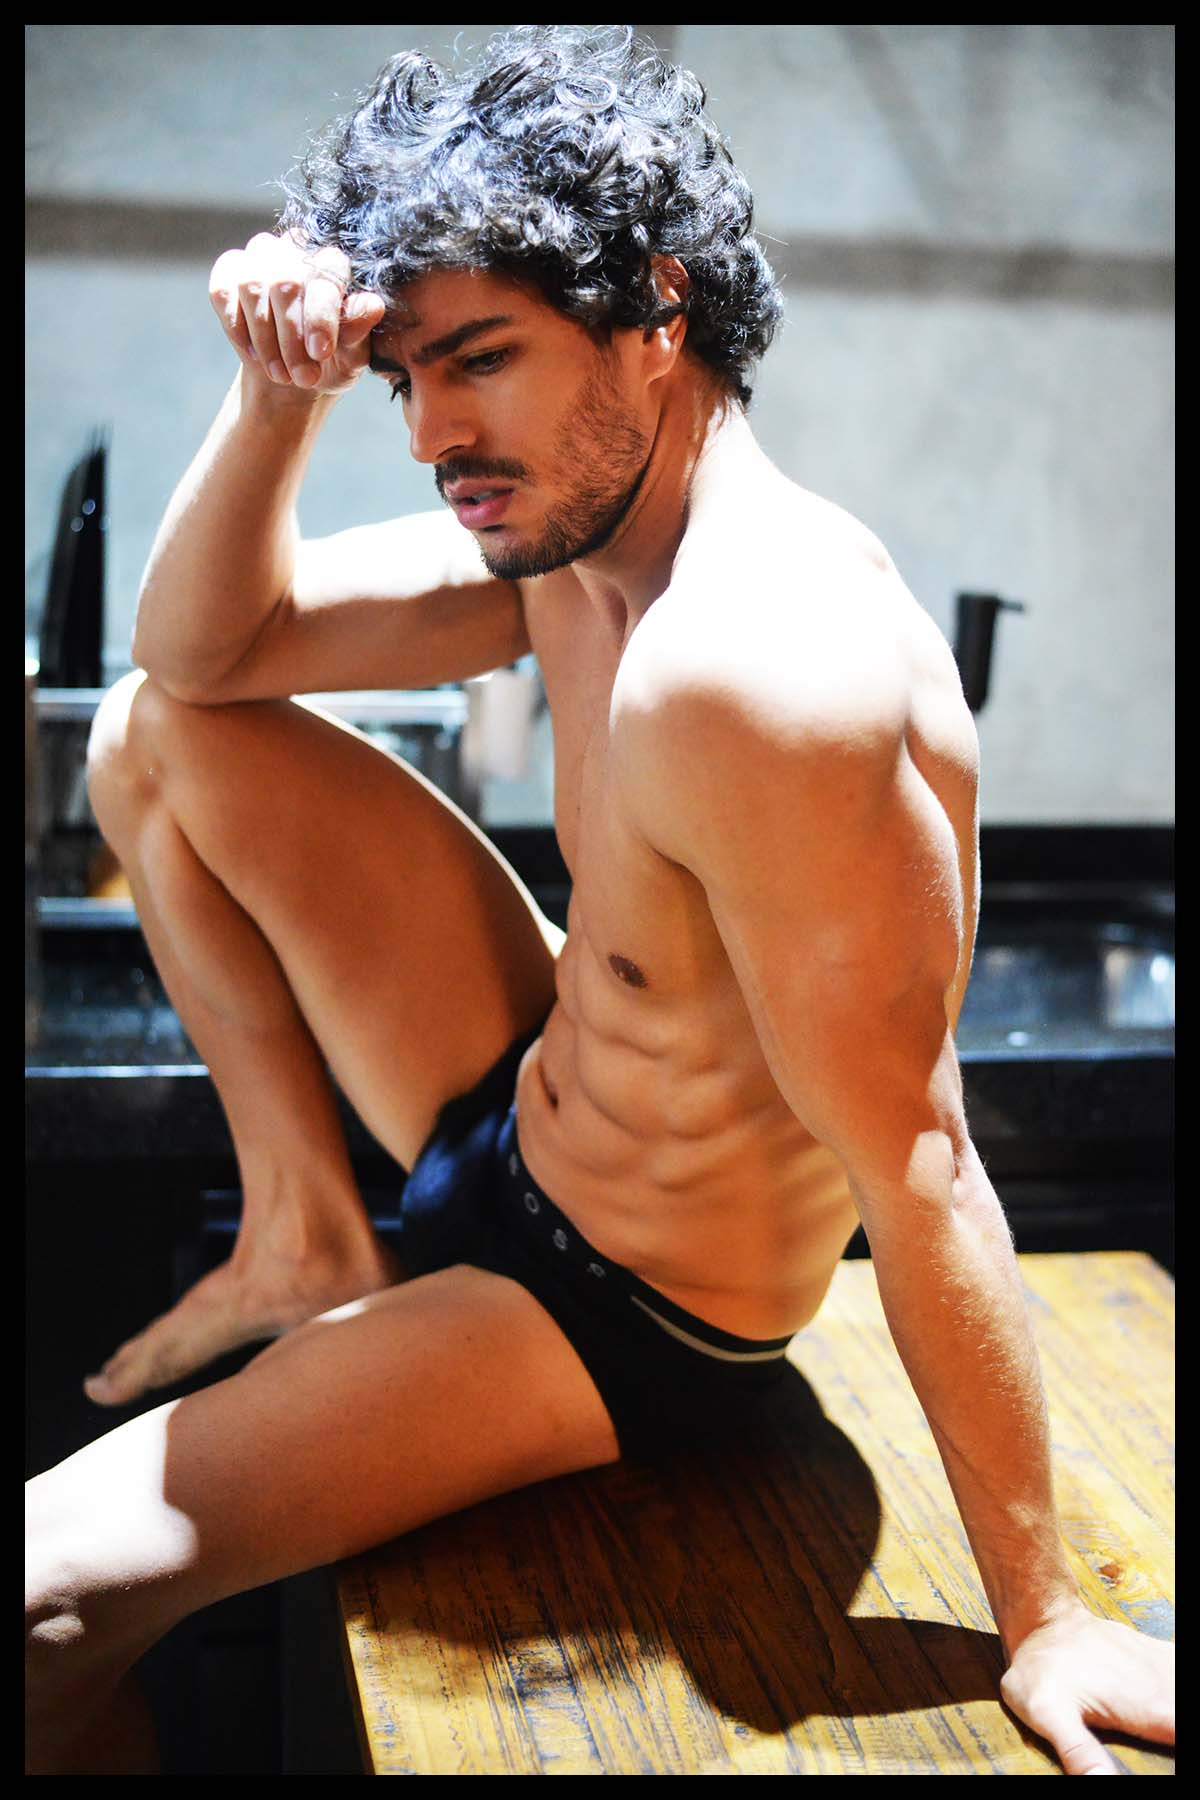 Dego Ferreira by Rodrigo Marconatto for Brazilian Male Model